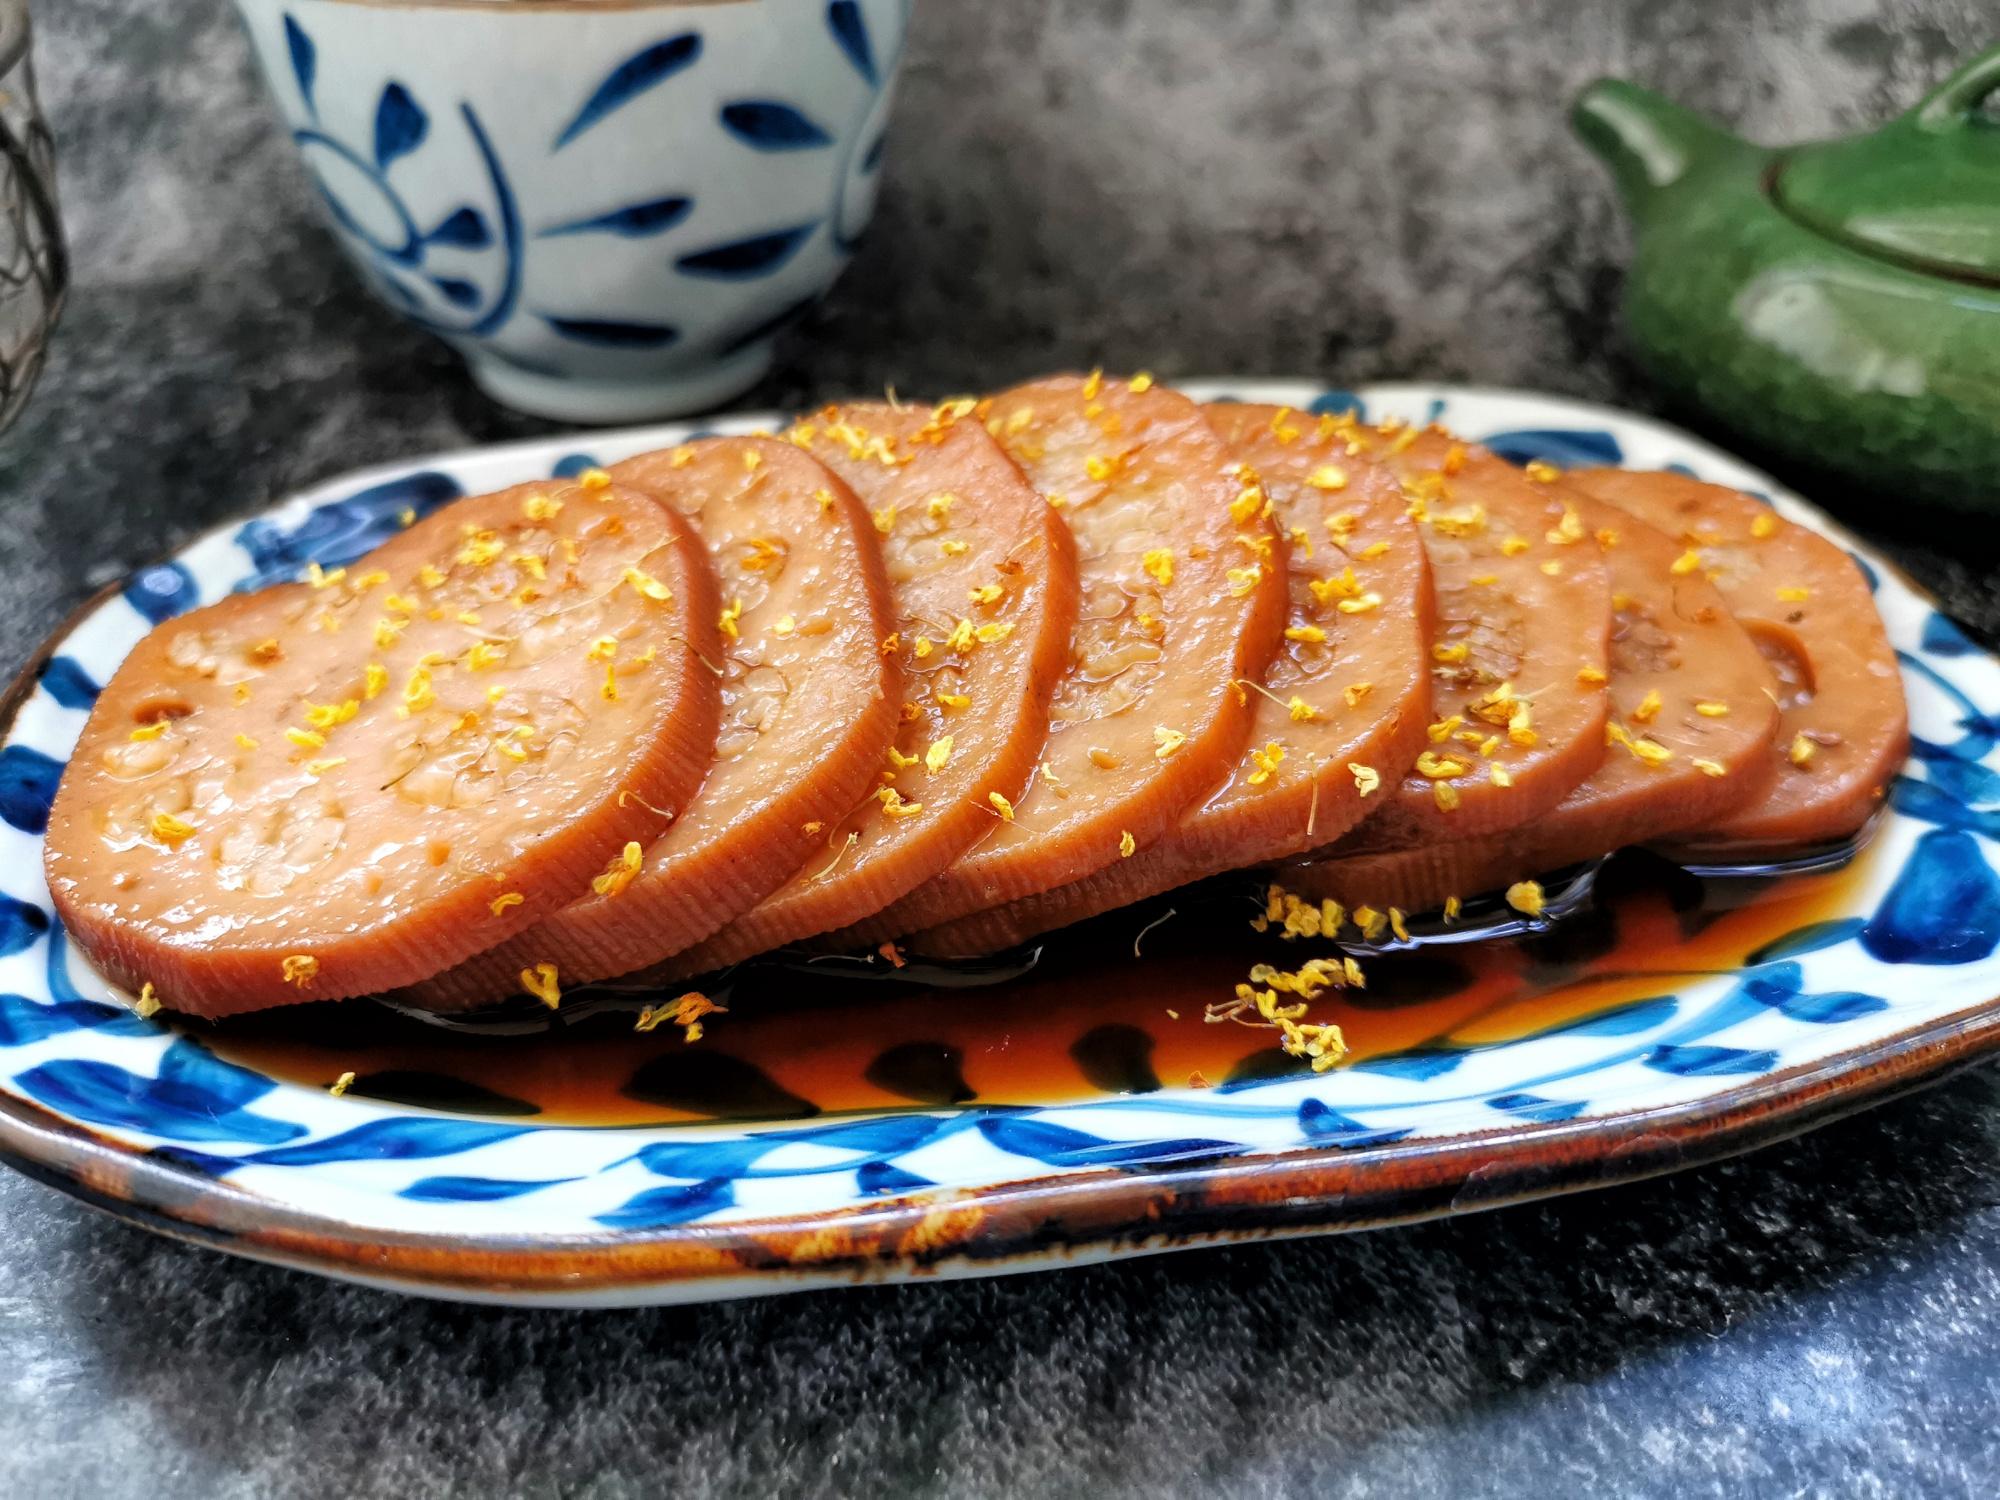 1碗糯米2根蓮藕,電飯鍋煮一煮,香甜軟糯吃不夠,比買的好吃